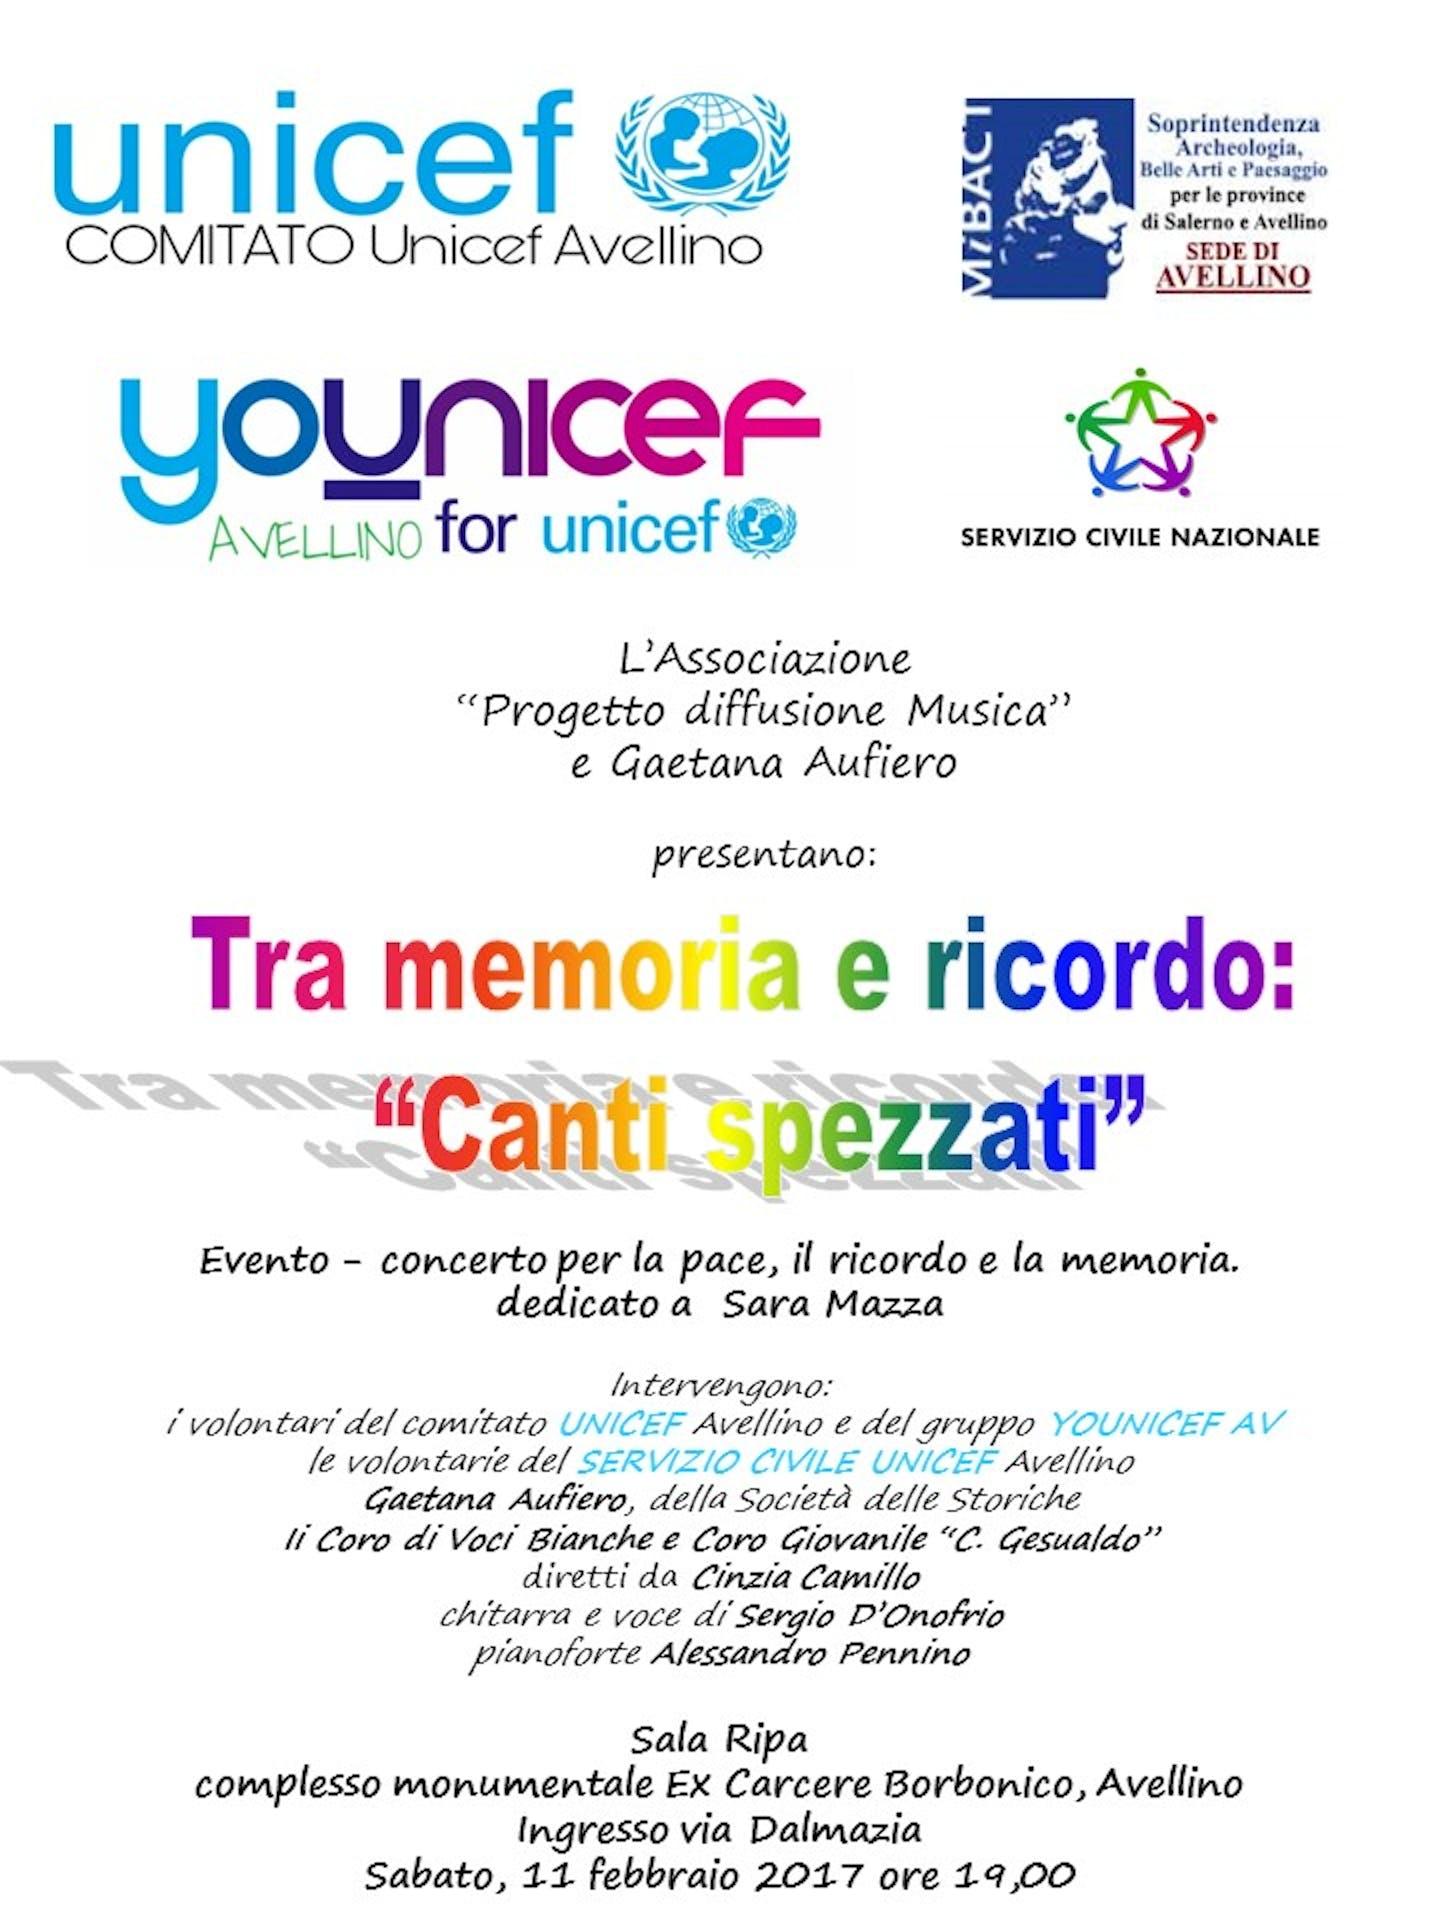 Tra memoria e ricordo: canti spezzati - Evento concerto per la pace al Complesso monumentale ex Carcere borbonico di Avellino